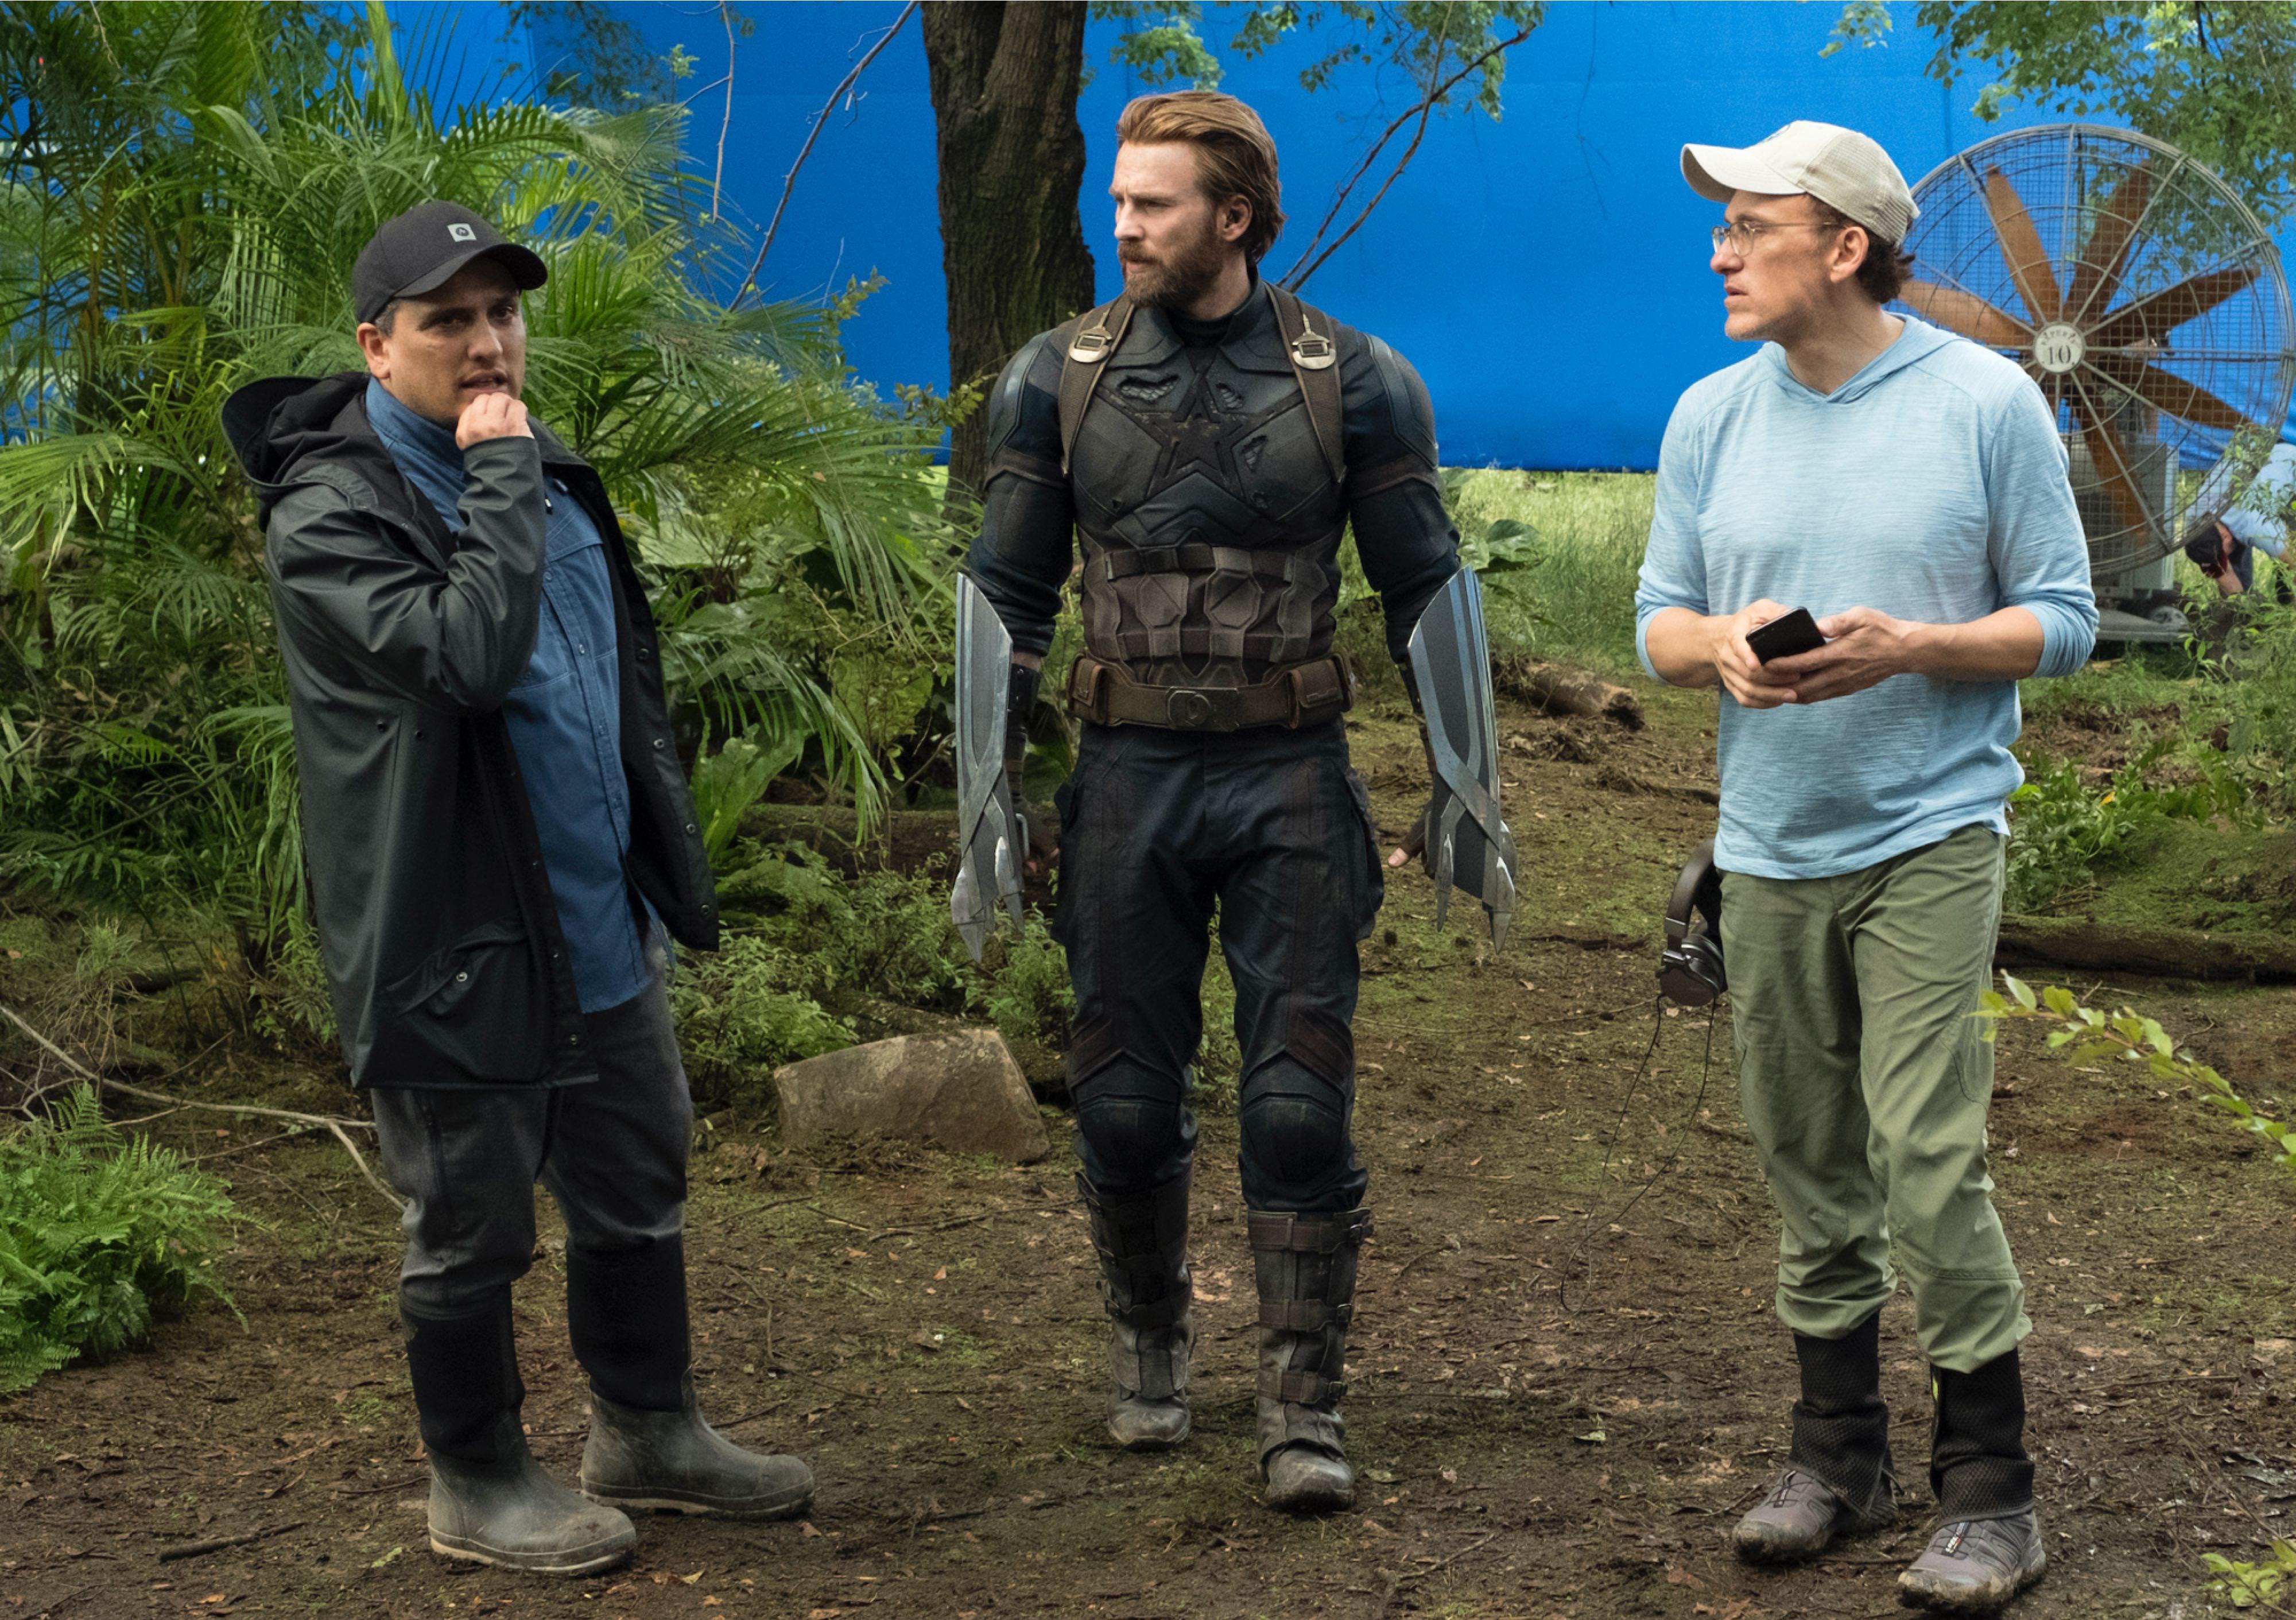 Diretores de Vingadores: Ultimato parabenizam Zack Snyder pelo lançamento do Snyder Cut